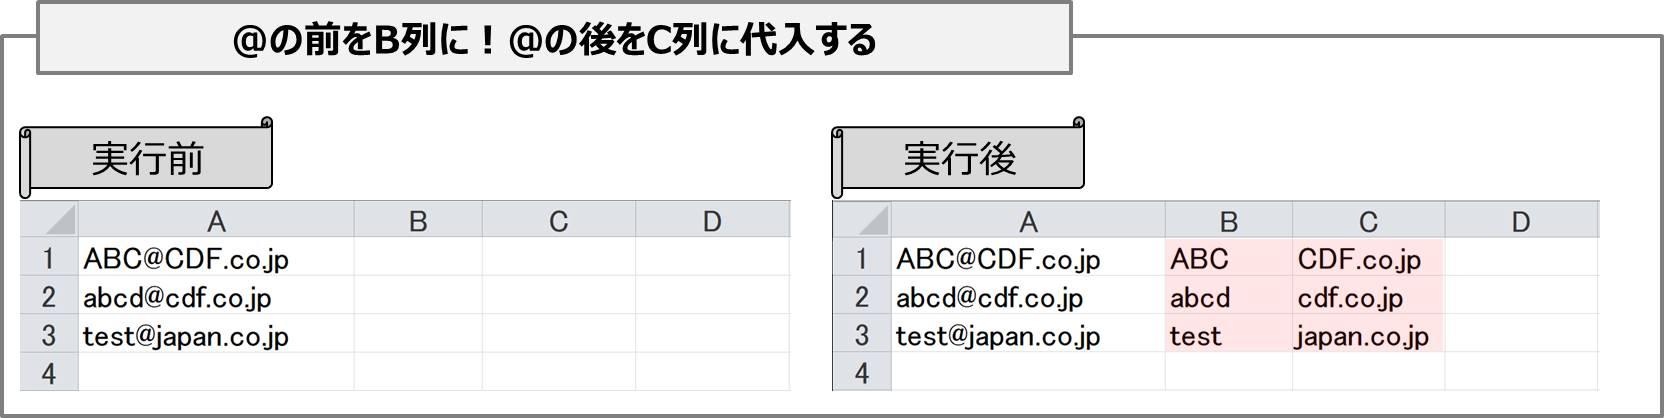 【VBA】 A列にあるメールアドレスの@の前(アカウント)をB列に、@の後(ドメイン)をC列に代入するプログラム